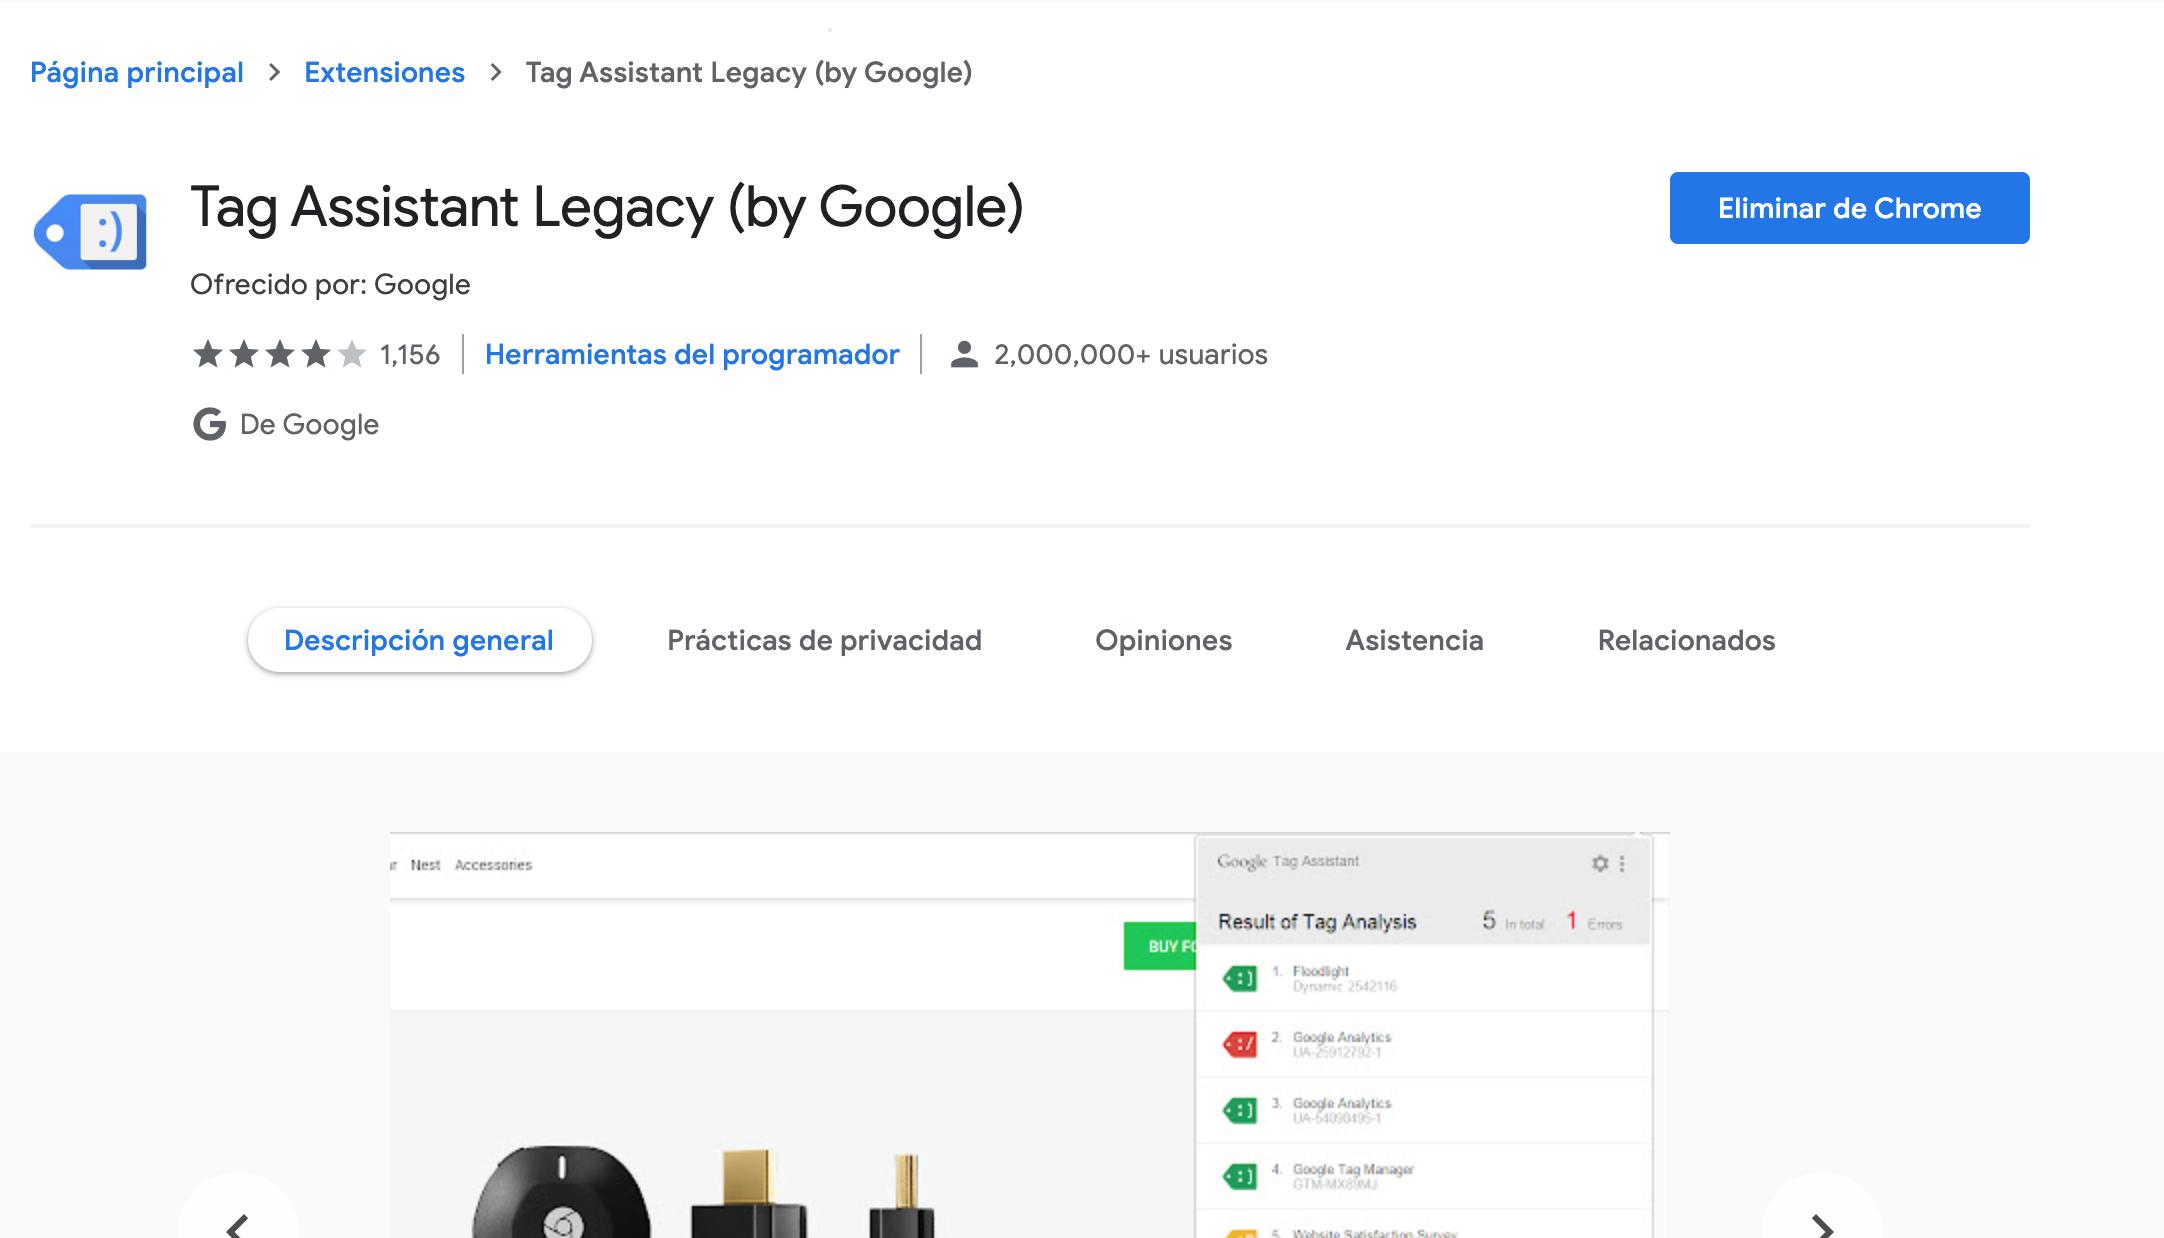 imagen de la extensión tag assistant legacy